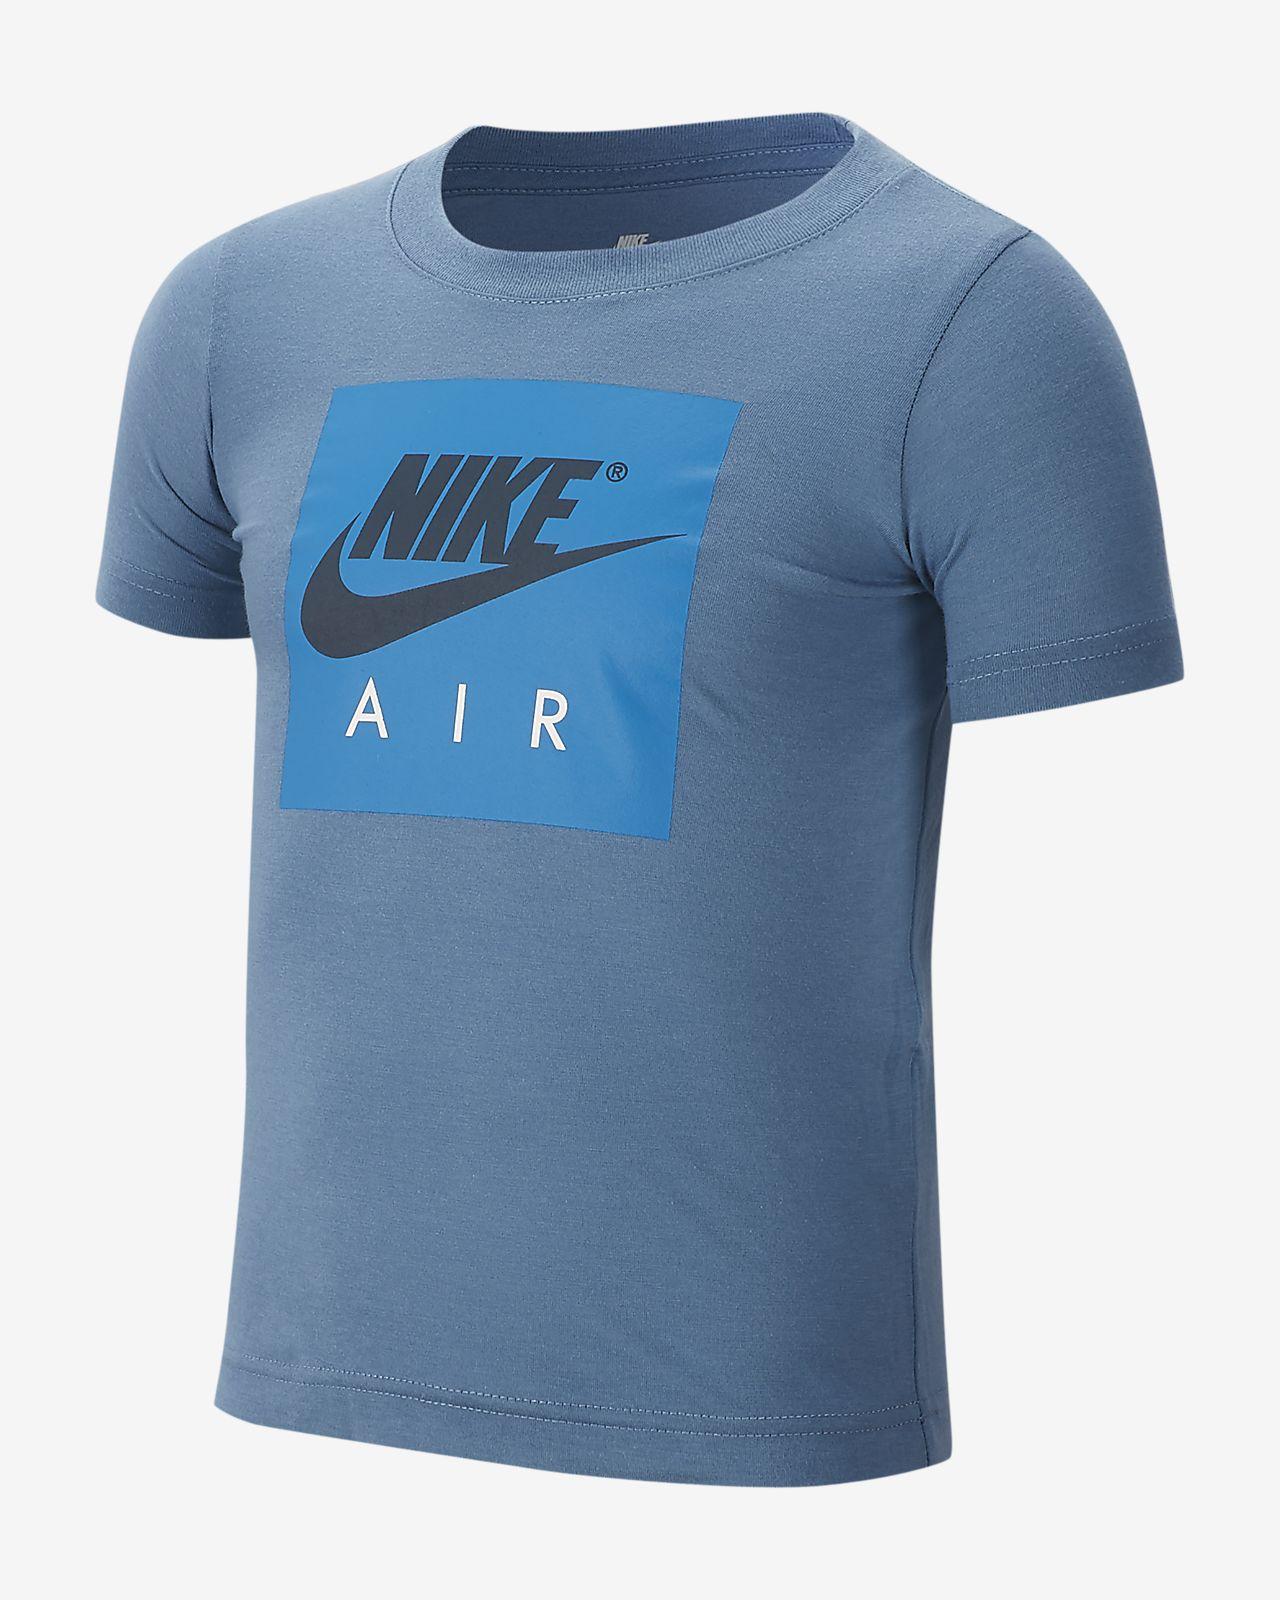 c97e98c0 Nike Air Toddler T-Shirt. Nike.com